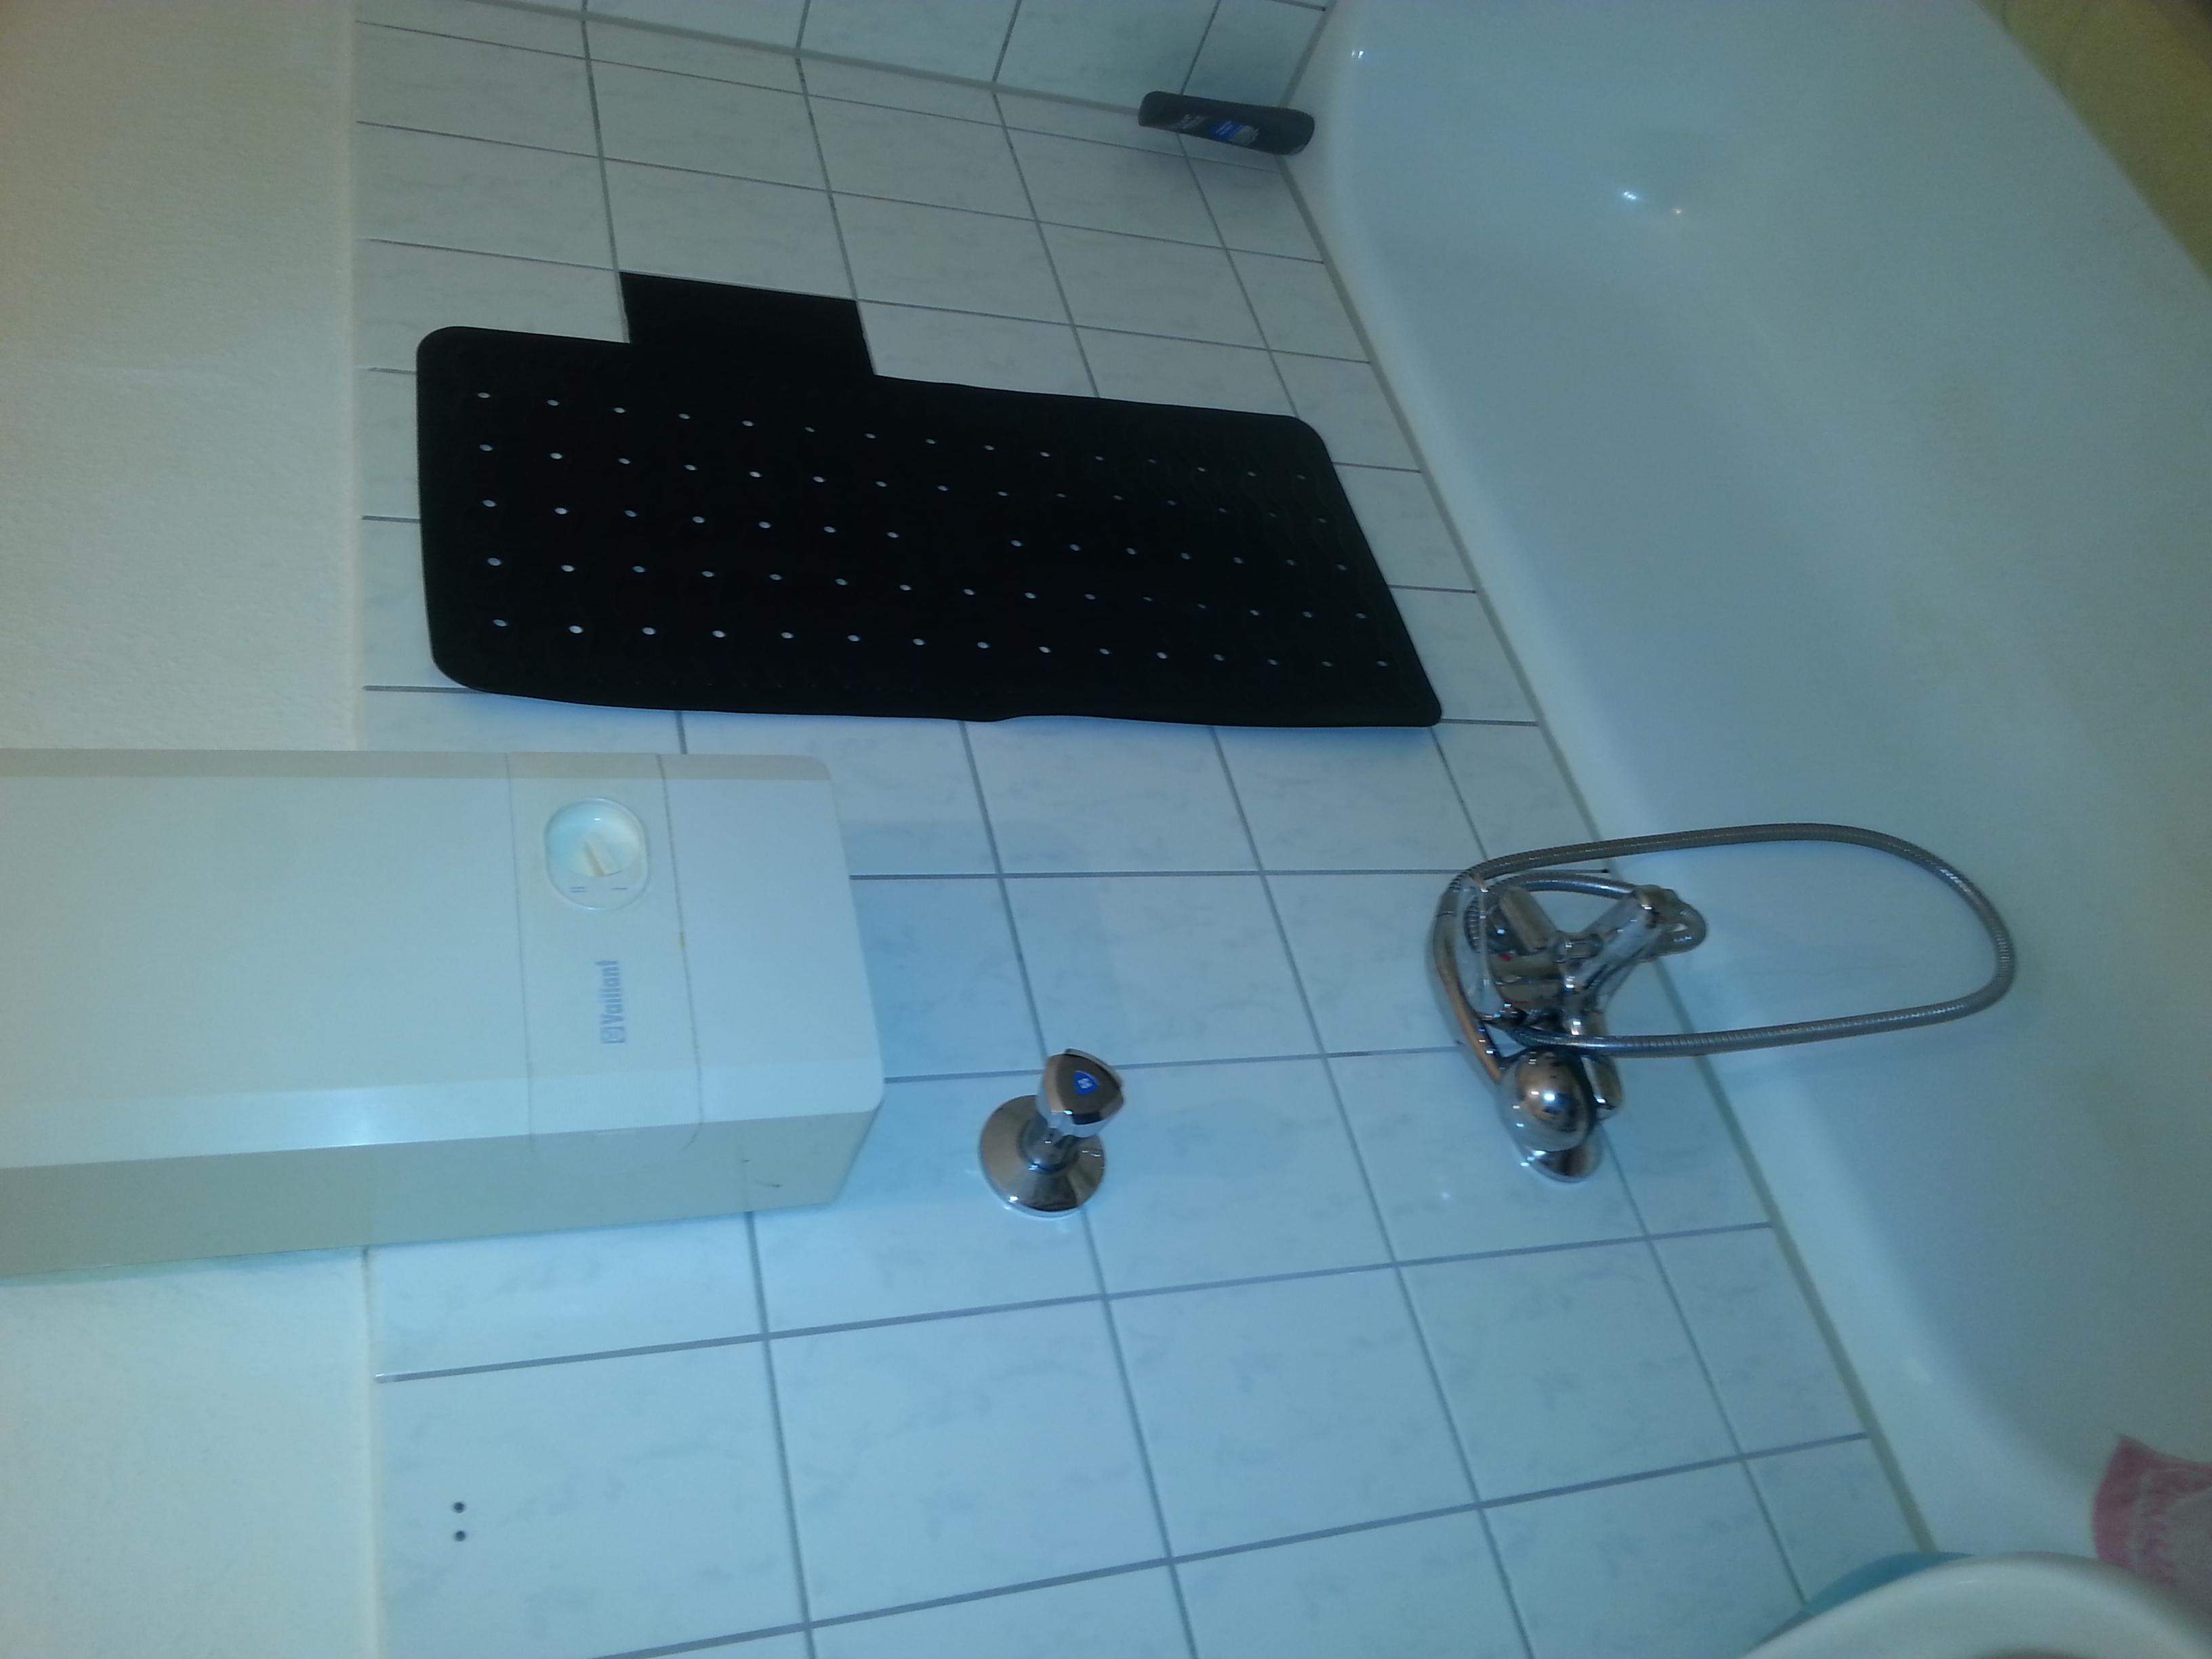 Duschen in der Badewanne? (Wohnung, Badezimmer, Dusche)